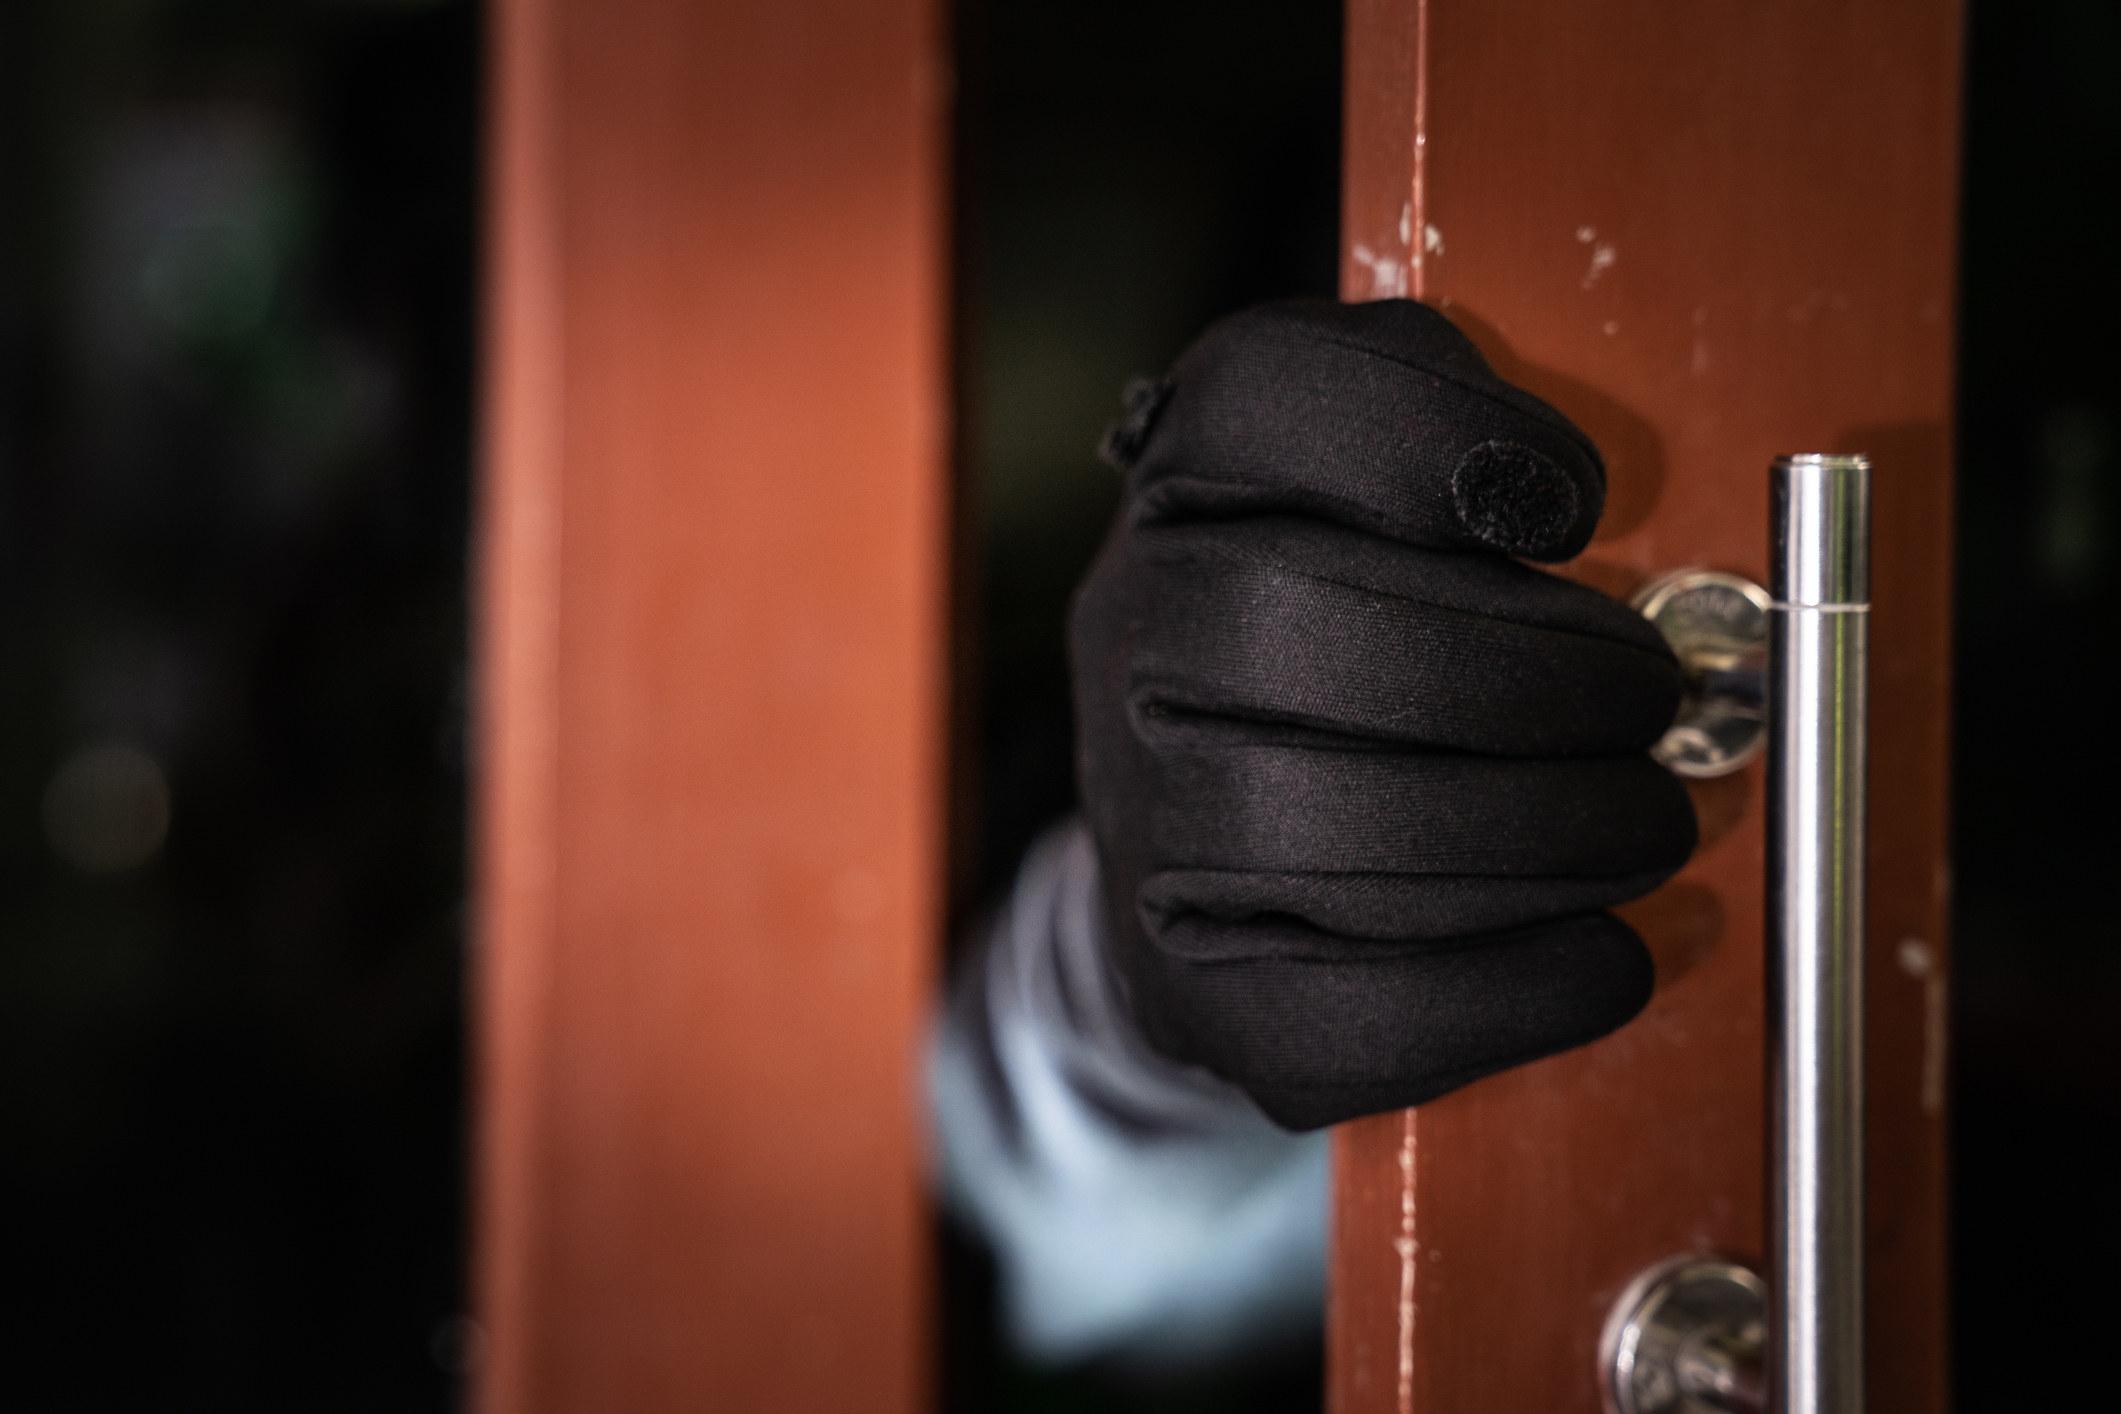 A masked burglar breaks into someone's home door